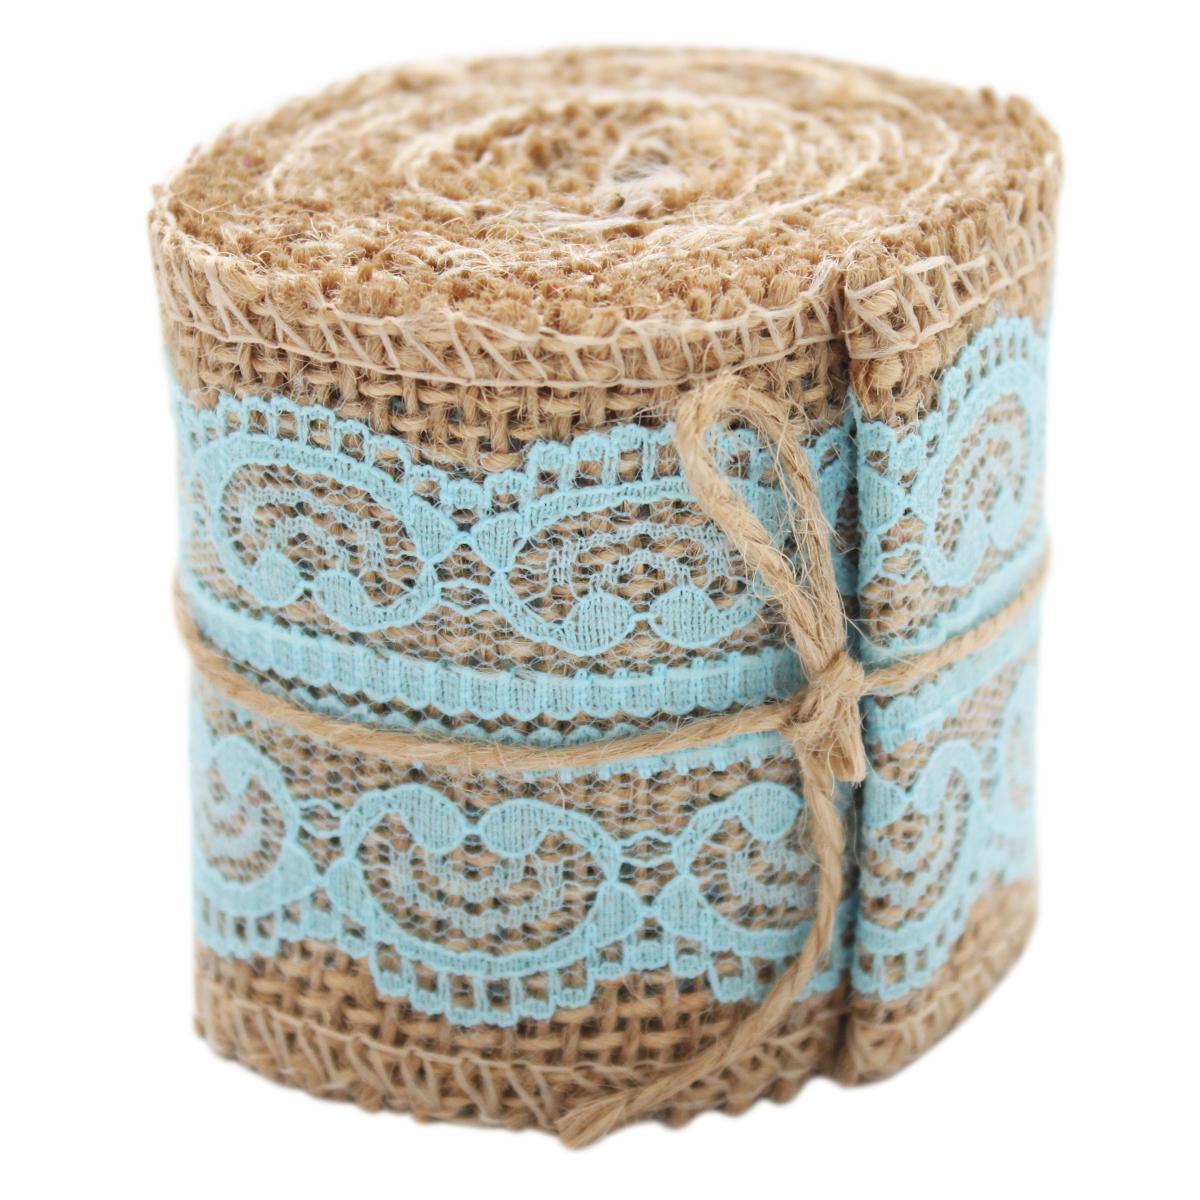 Полоска из декоративной тканиБэстекс, длина: 2 м, цвет: голубой. 580803_Н-10580803_Н-10 голубЛьняная лента в сочетании с кружевом идеально подойдет для украшения альбомов, книг, а также послужит прекрасным элементом декора при изготовлении флористических композиций